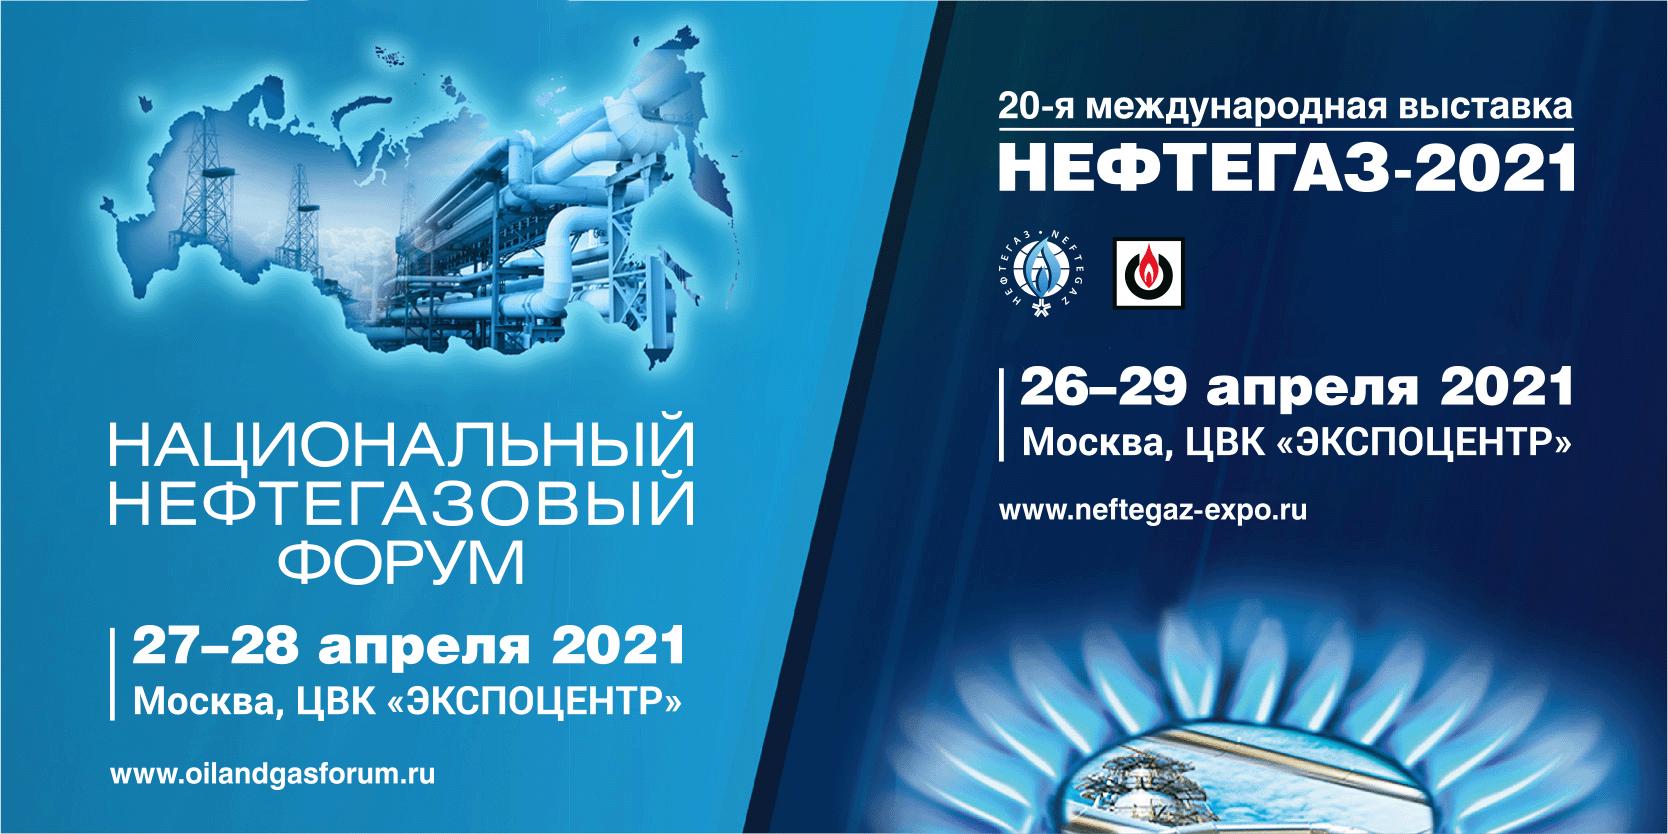 Ассоциация «Цифровая энергетика» в рамках Национального нефтегазового форума примет участие в Digital-инновации – R&D-cессии «Цифровизация профессий, промышленная автоматизация и искусственный интеллект» 27 апреля.